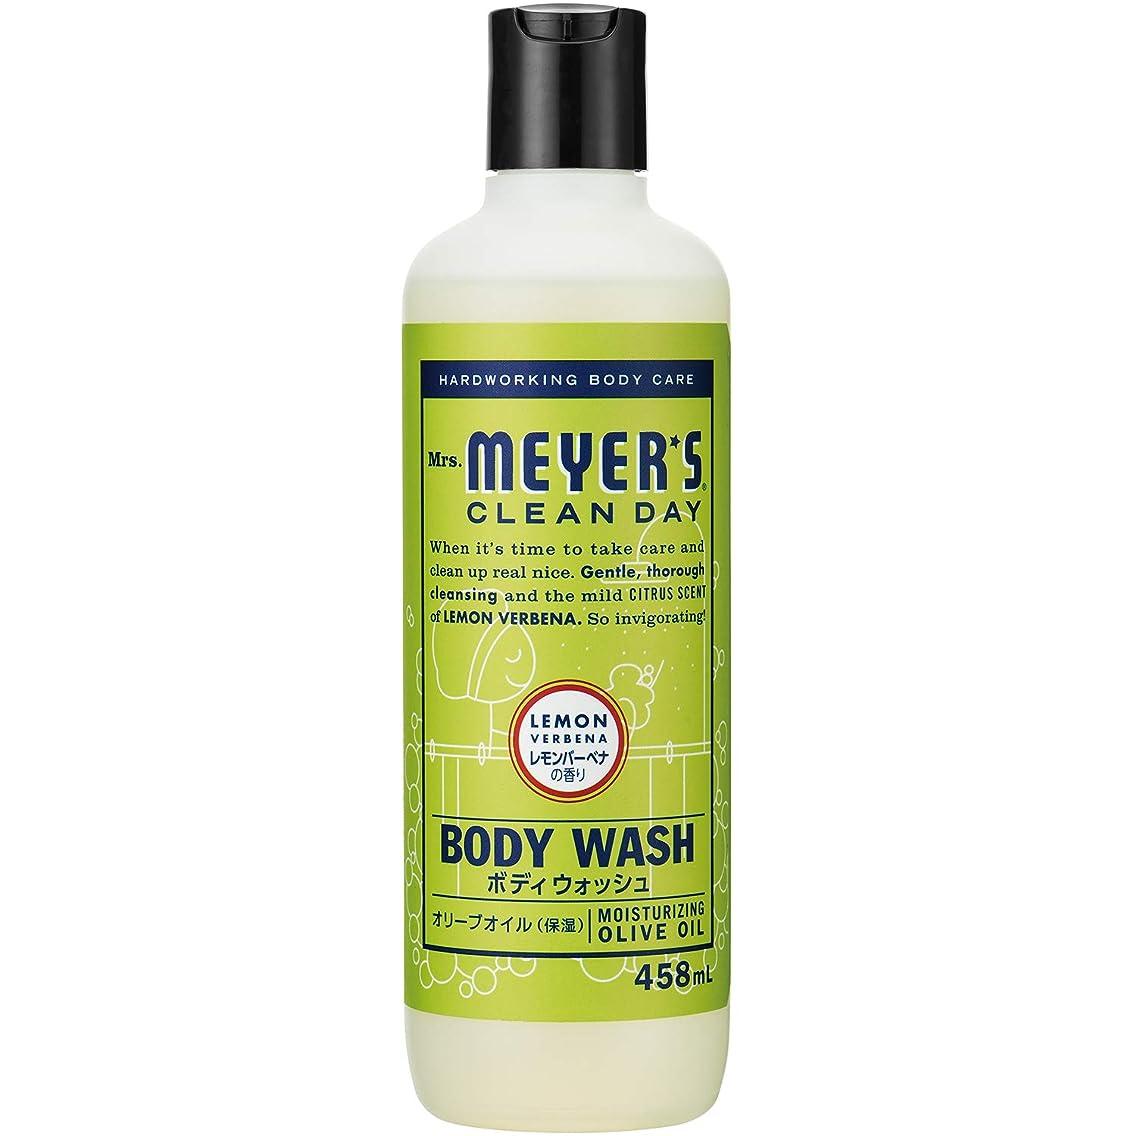 早熟器用ゴムミセスマイヤーズ クリーンデイ(Mrs.Meyers Clean Day) ボディウォッシュ レモンバーベナの香り 458ml